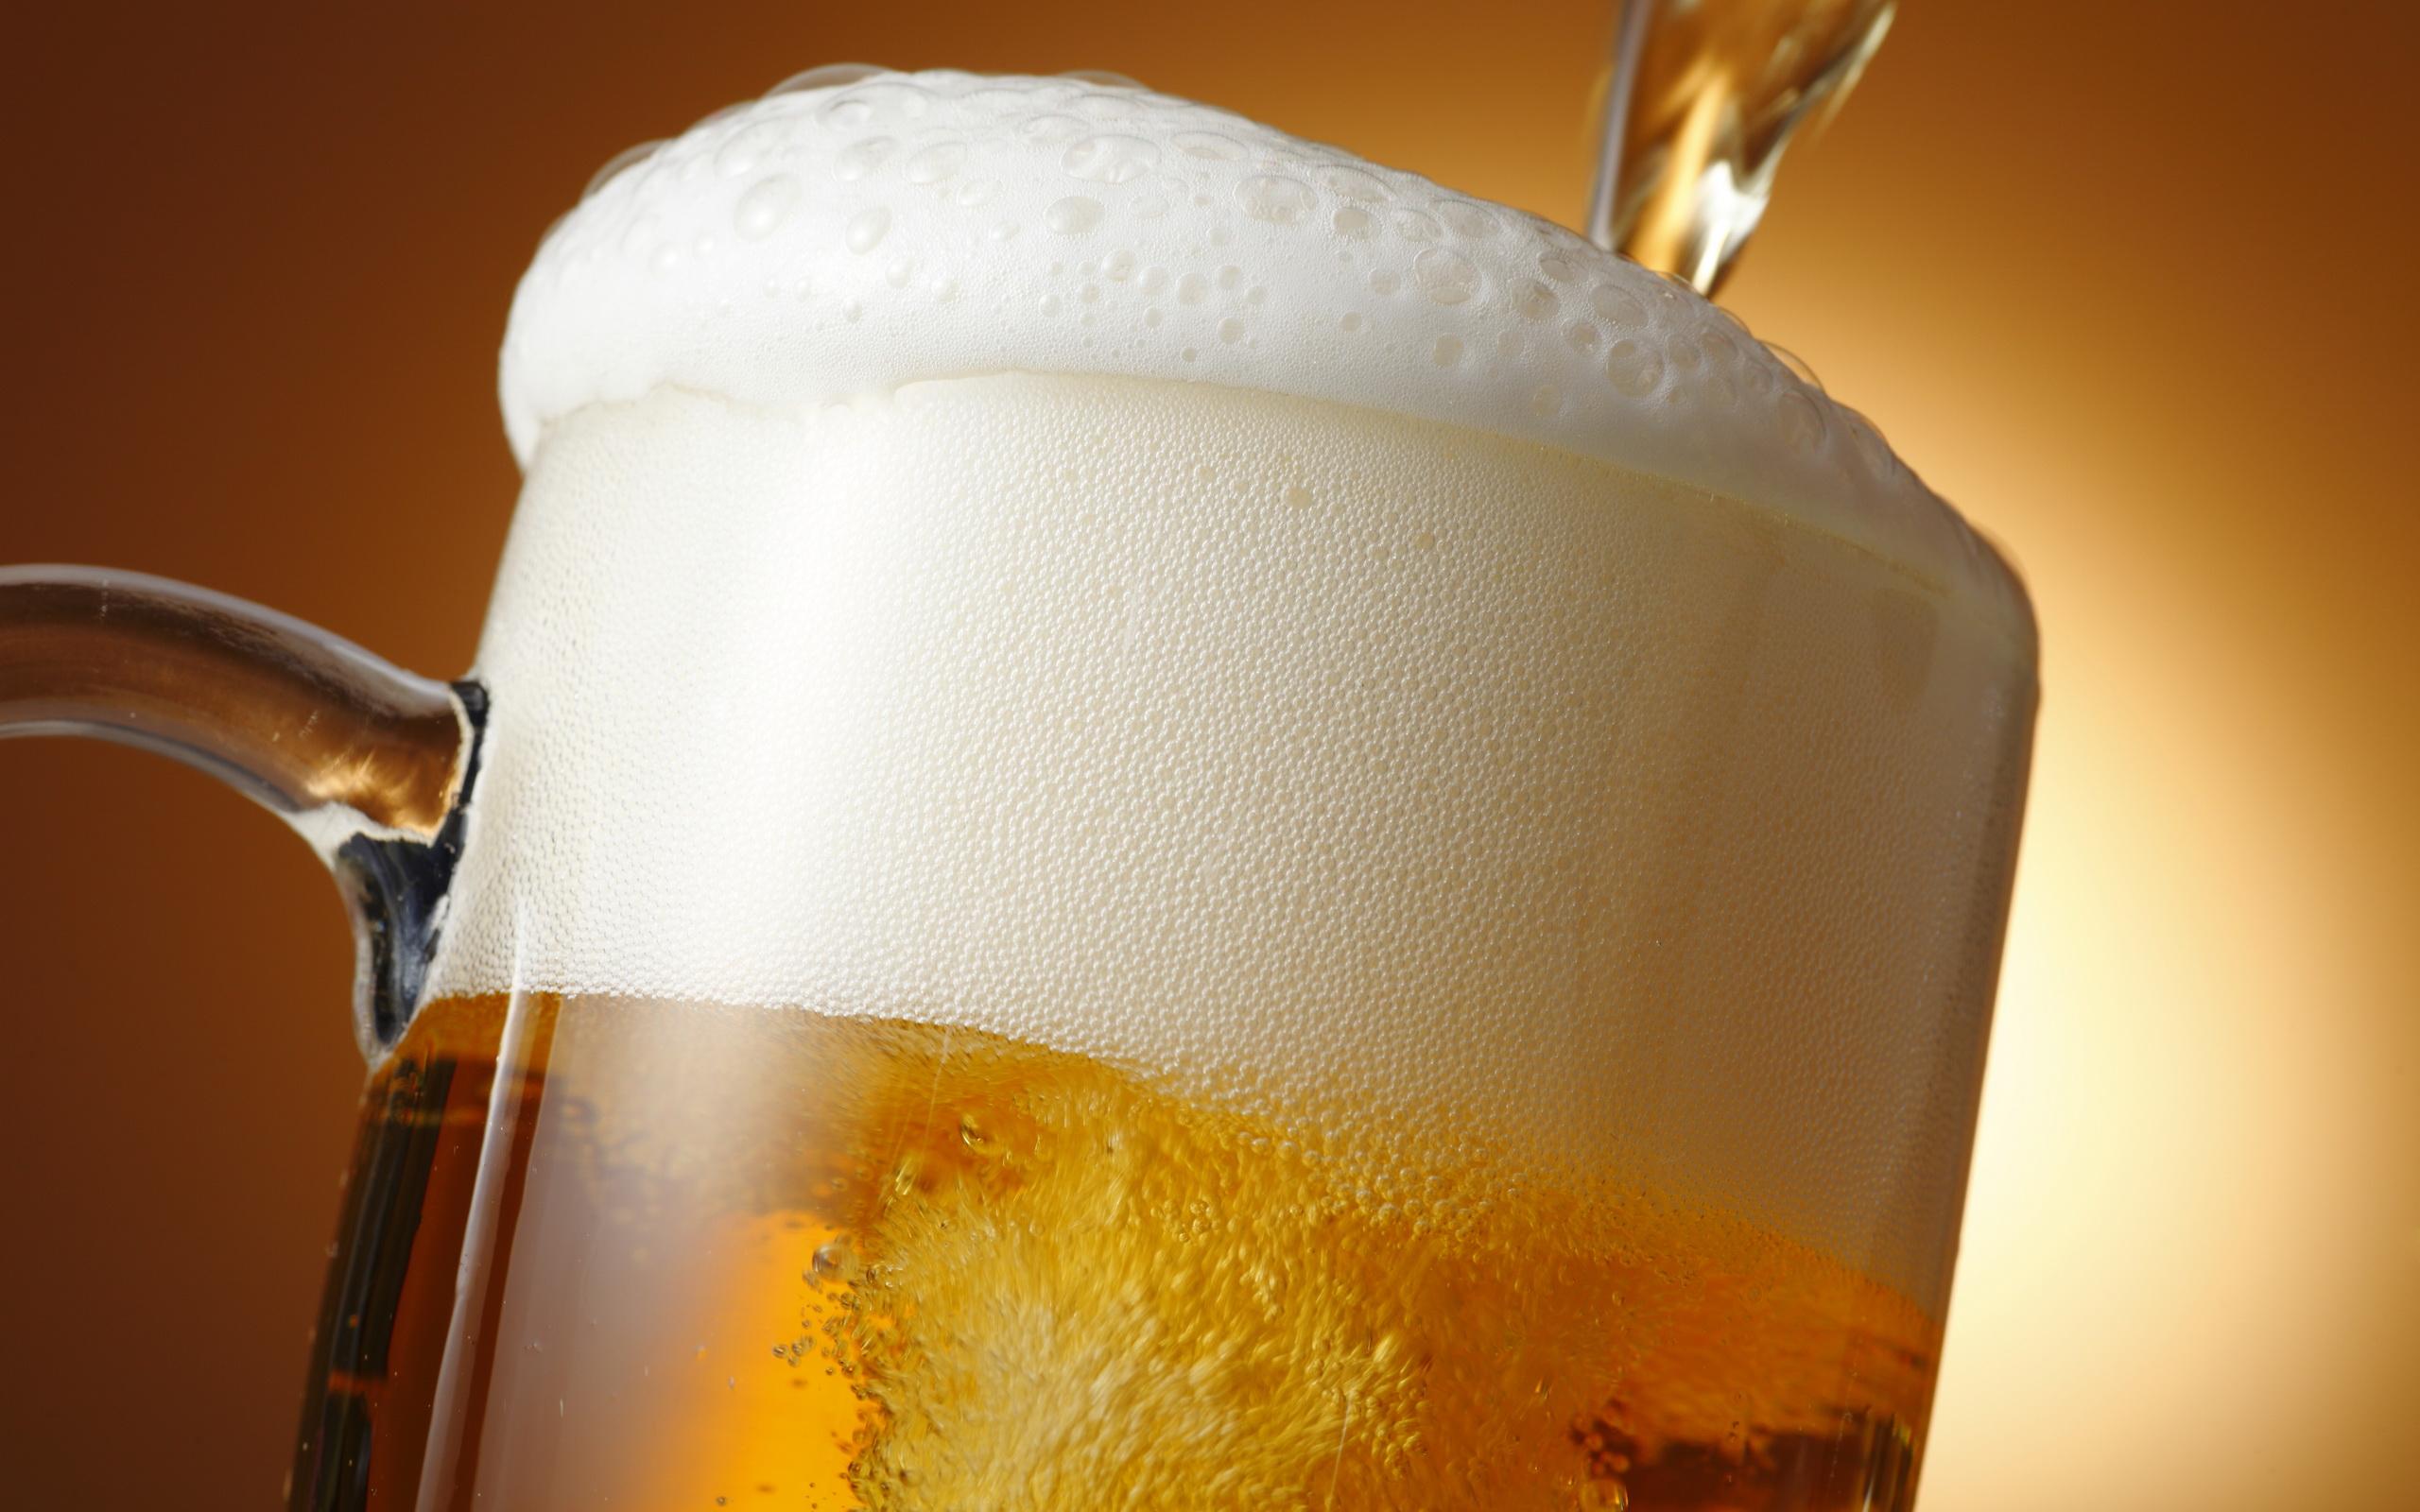 Фото пива с пеной